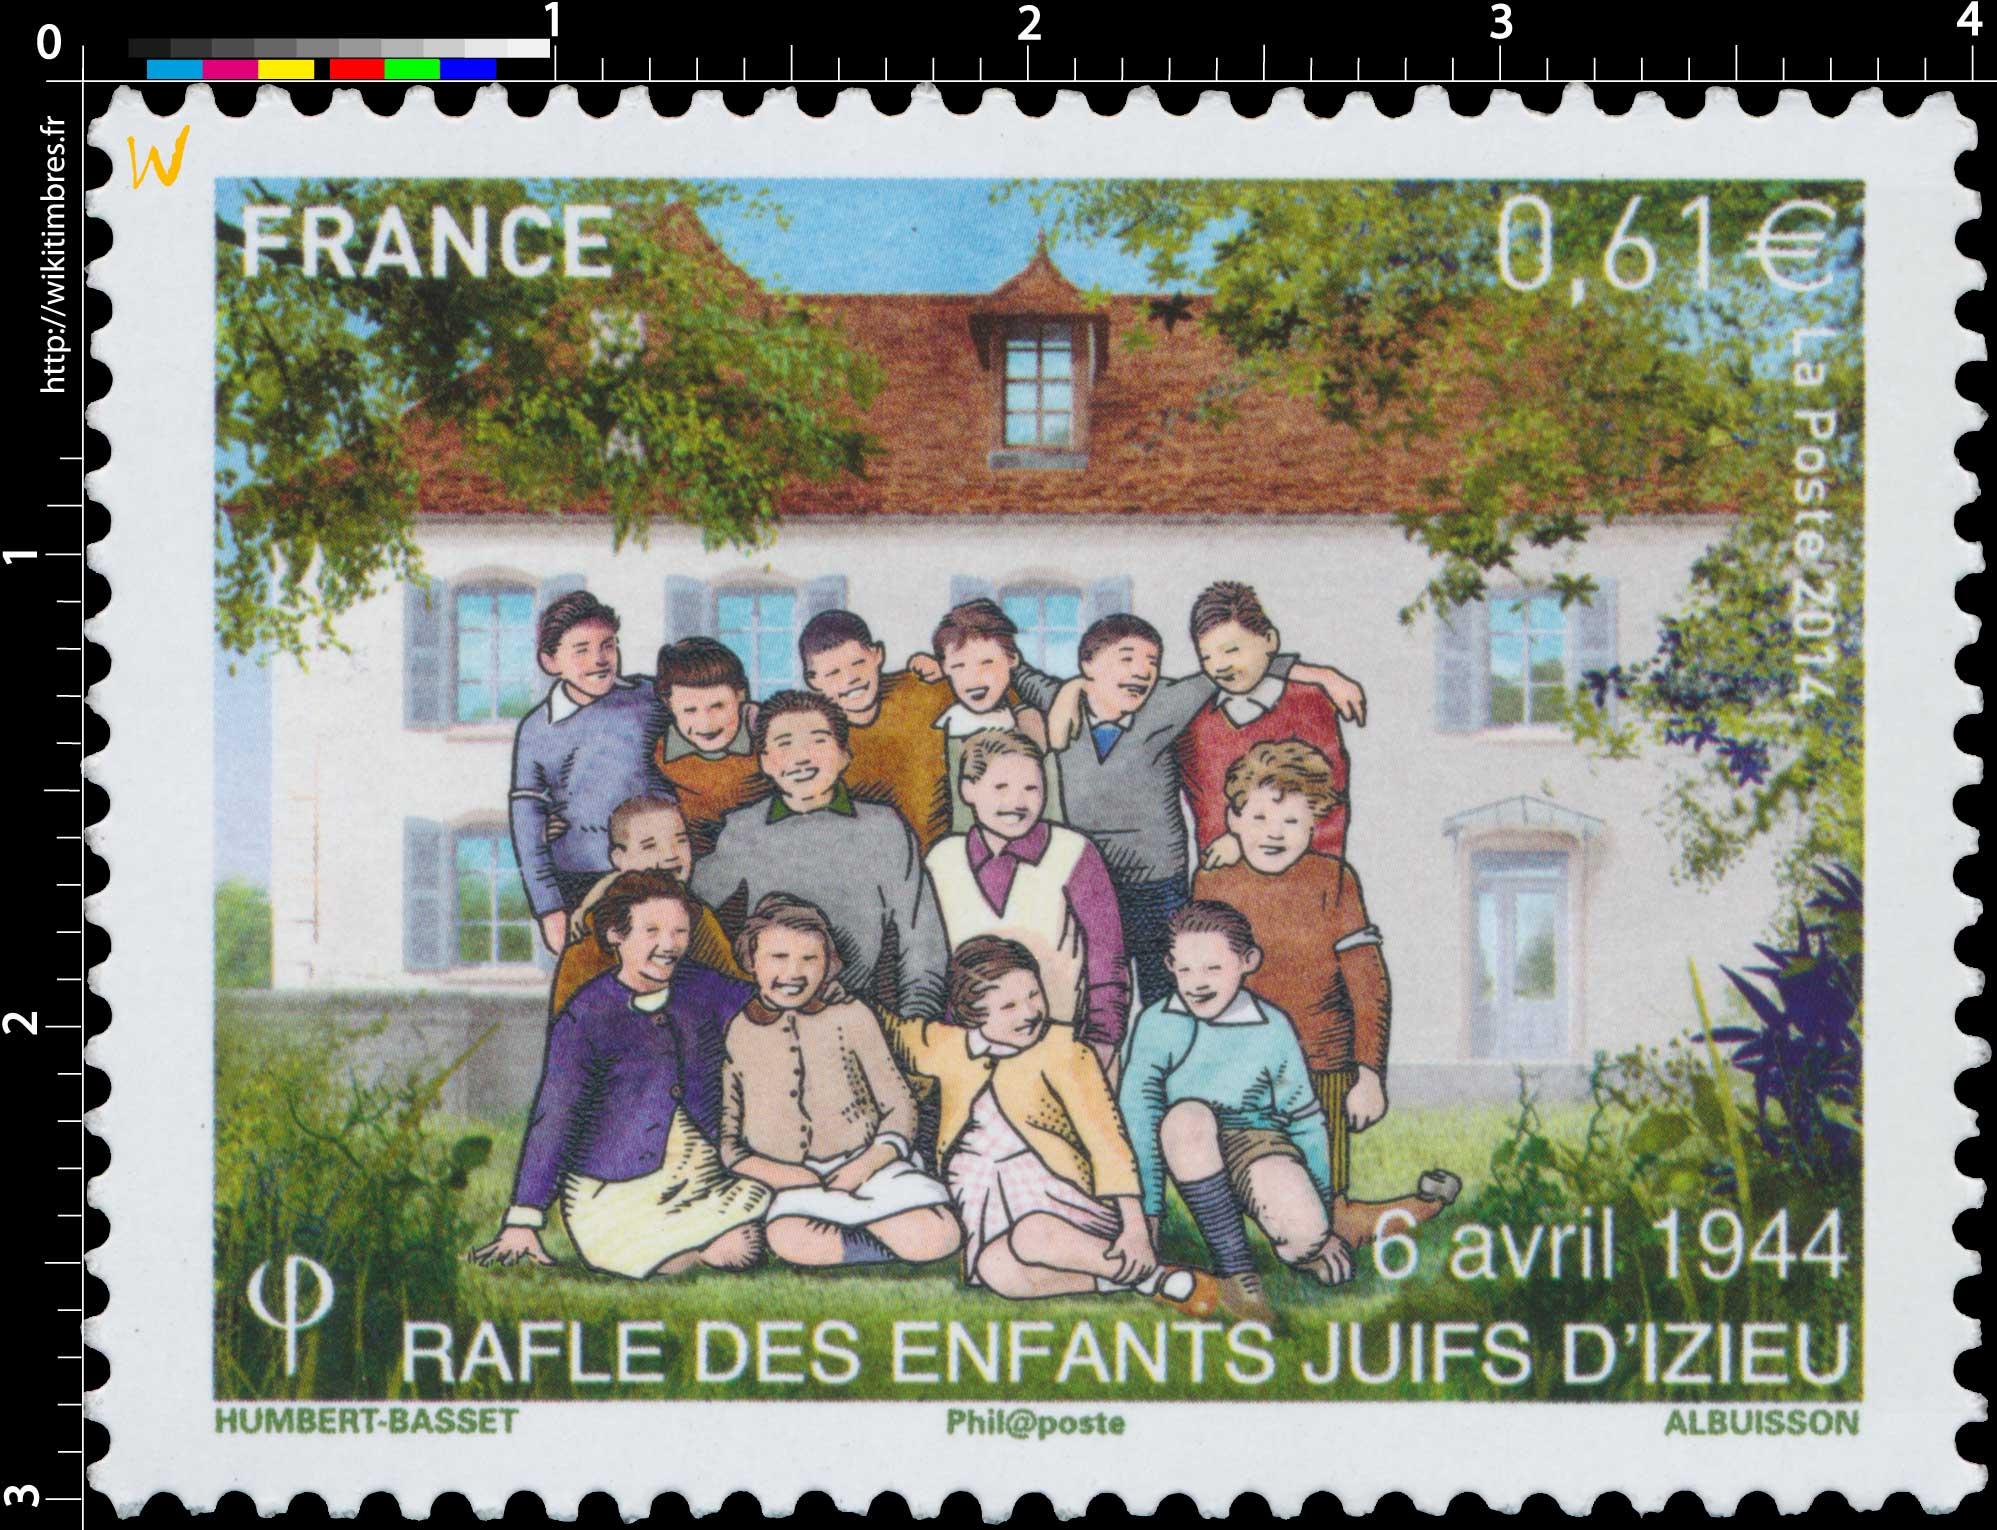 2014 Rafle des enfants juifs d'Izieu 6 avril 1944